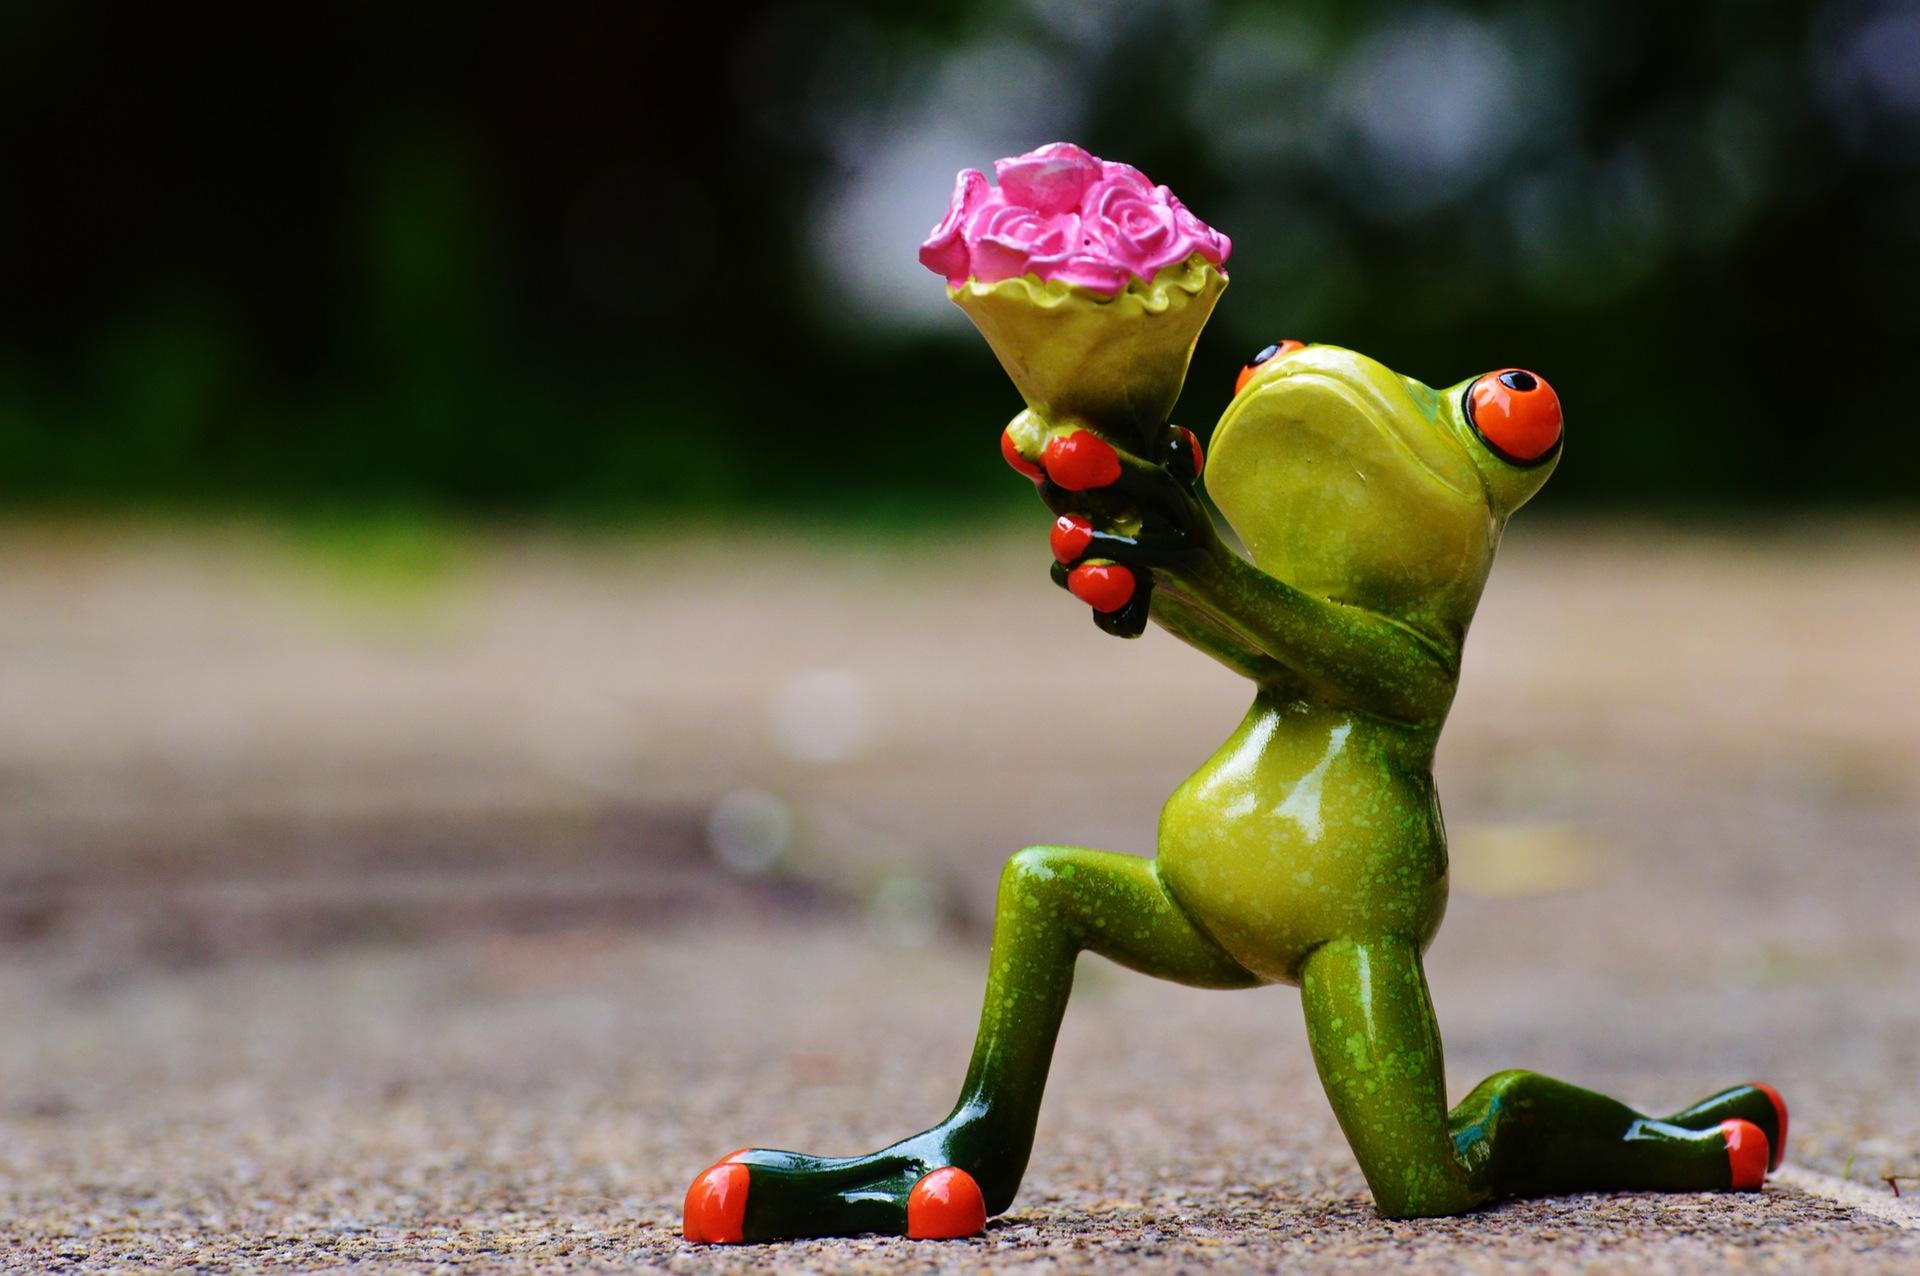 Grenouille, fleurs, amour, pardon, cadeau, Roses, Sweet, sur vos genoux - Fonds d'écran HD - Professor-falken.com